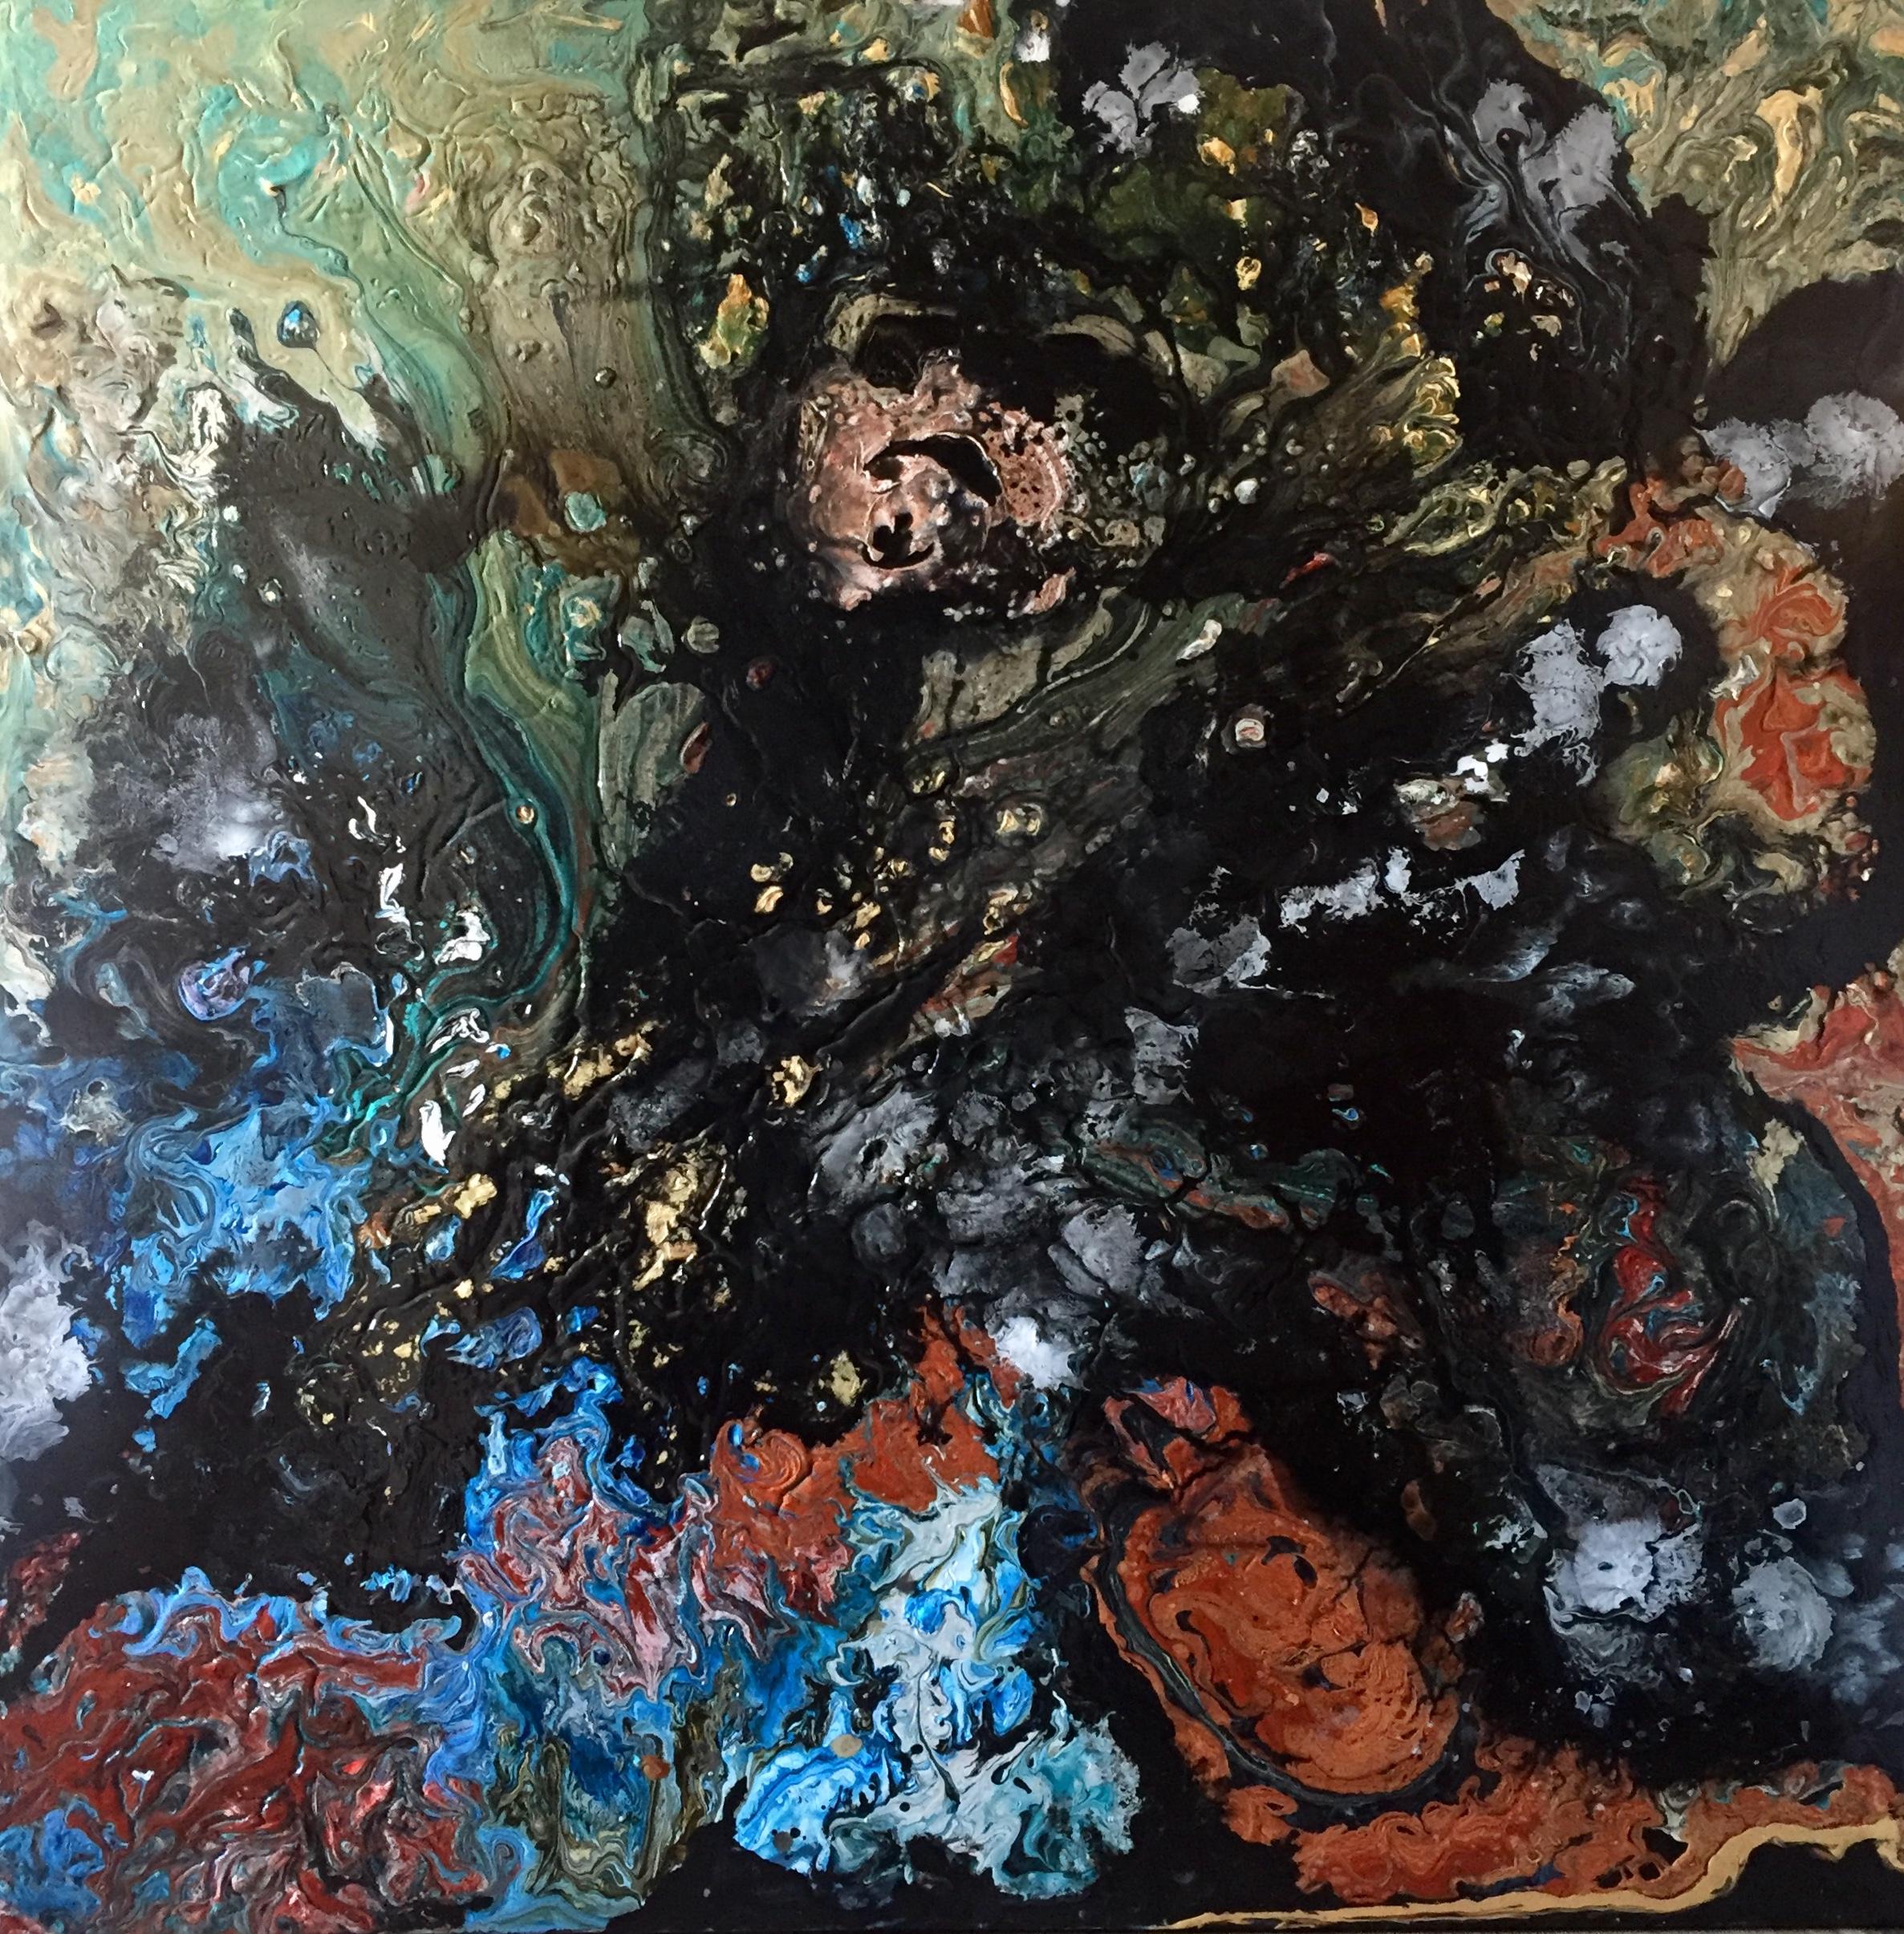 Olicorno ''Kids from Jupiter #7'', acryliques, 48''x48', 2375$